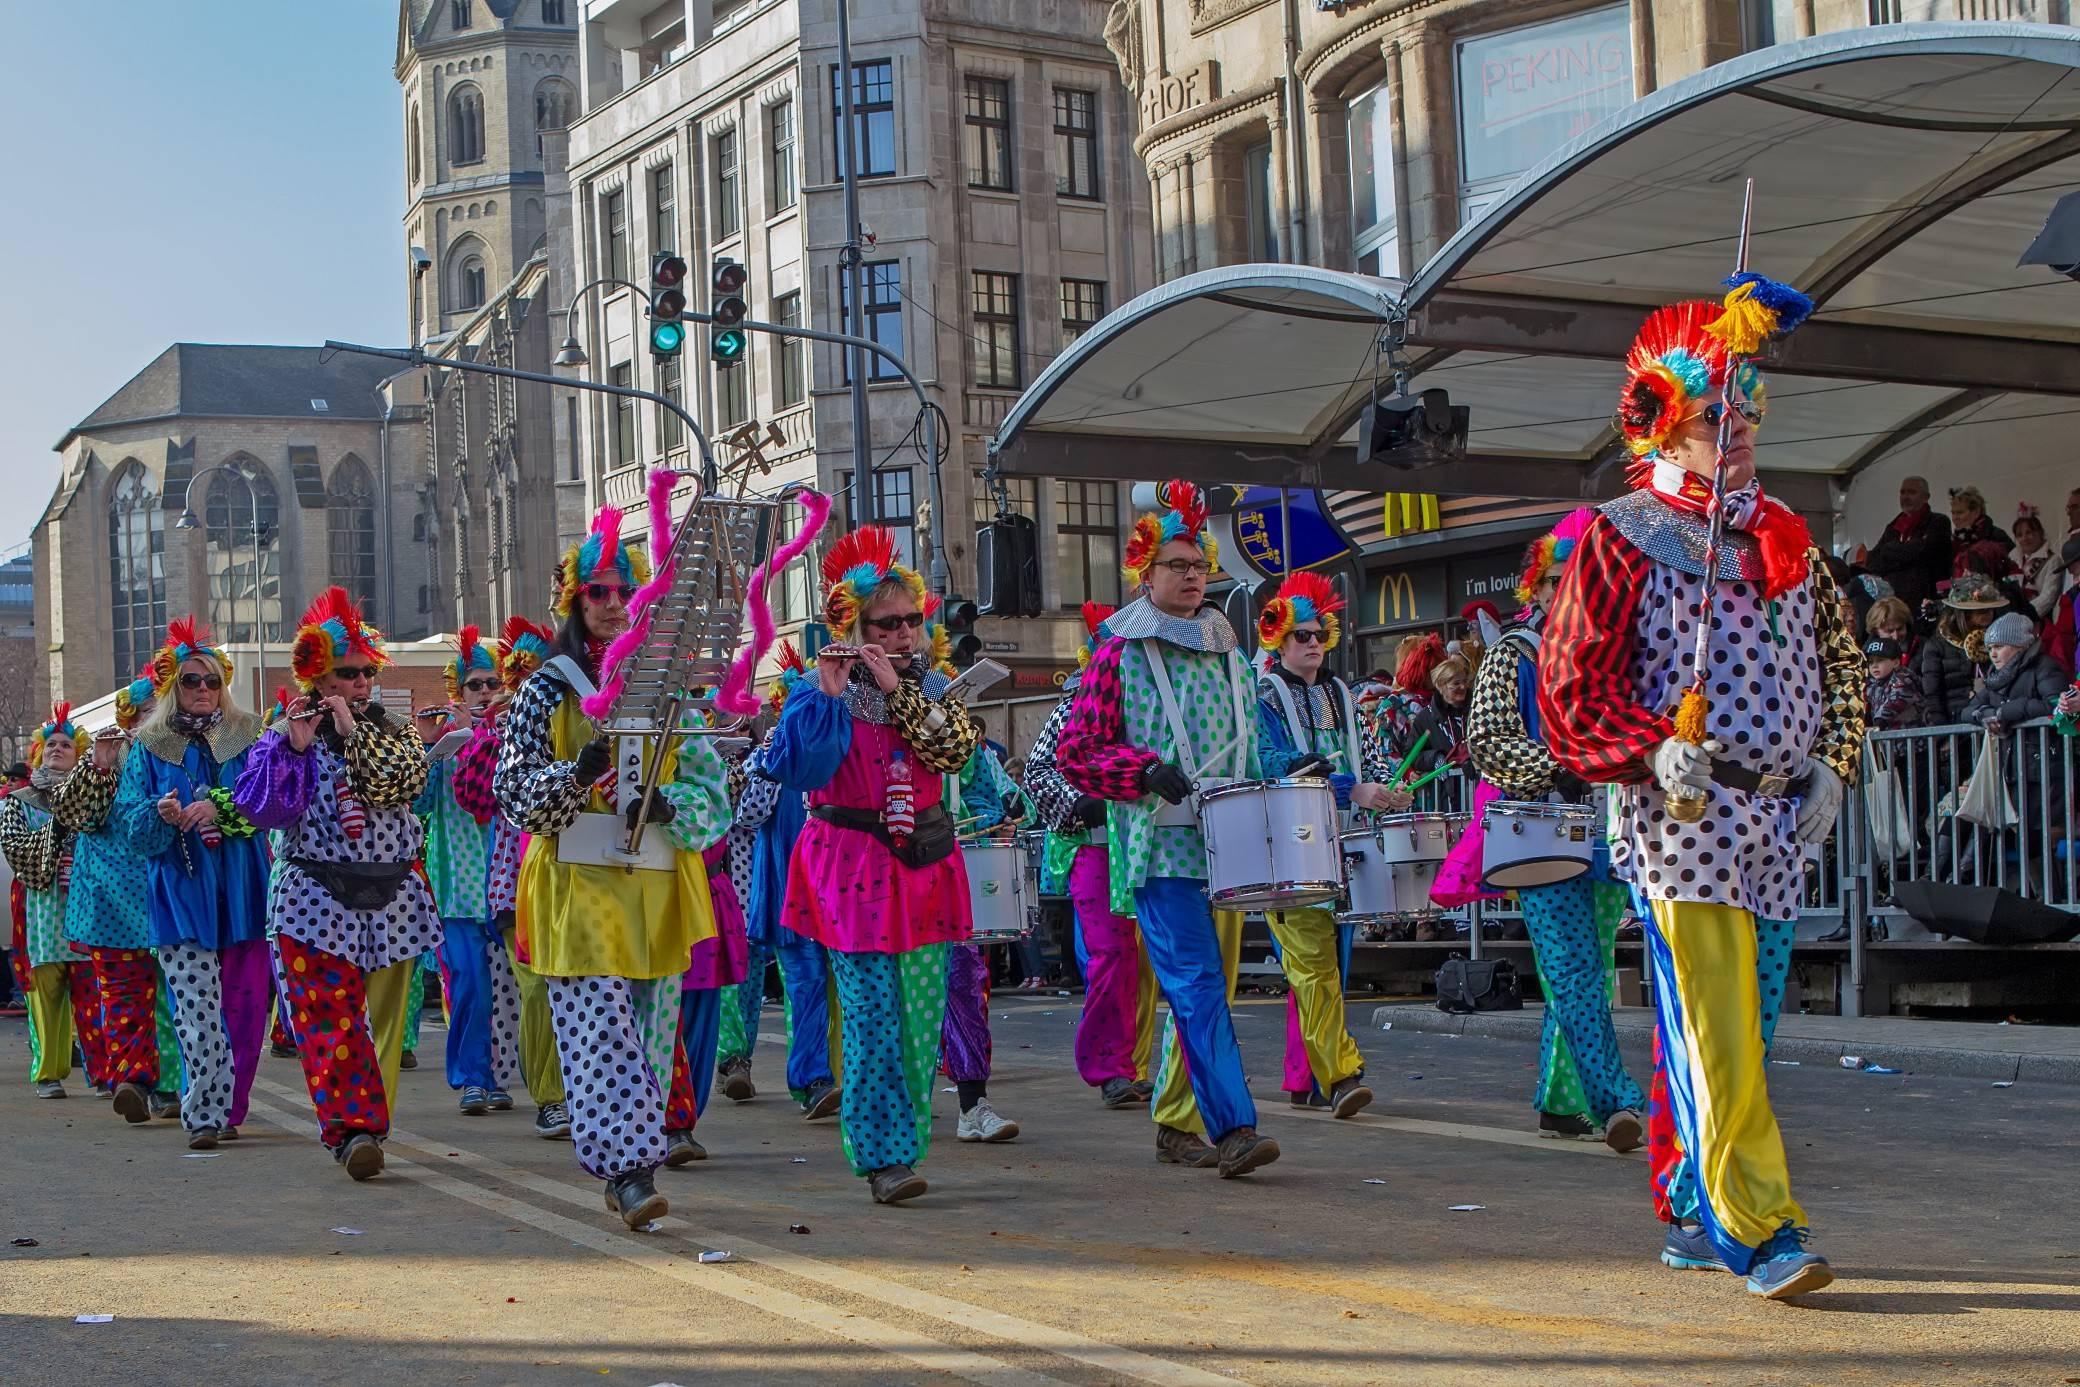 Кельнский карнавал 2021 — даты, фото, отзывы, отели, цены, традиции, официальный сайт, как добраться — туристер.ру